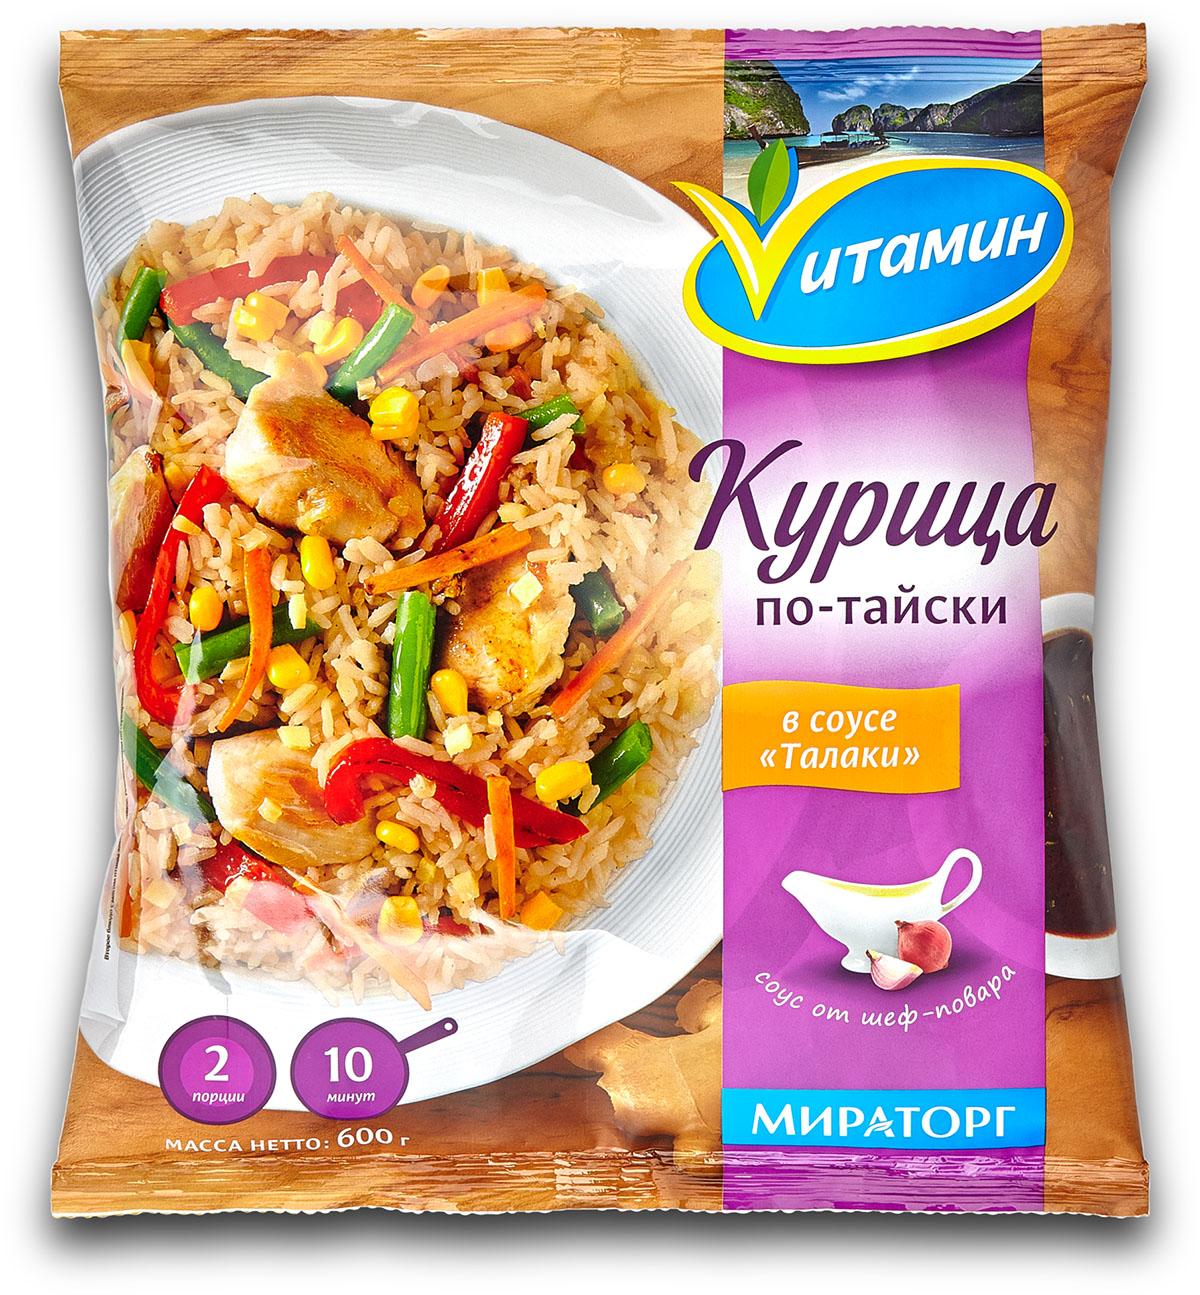 Ломтики нежного куриного филе, рассыпчатый рис и отборные овощи под пряным имбирным соусом — готовый обед для настоящих гурманов.